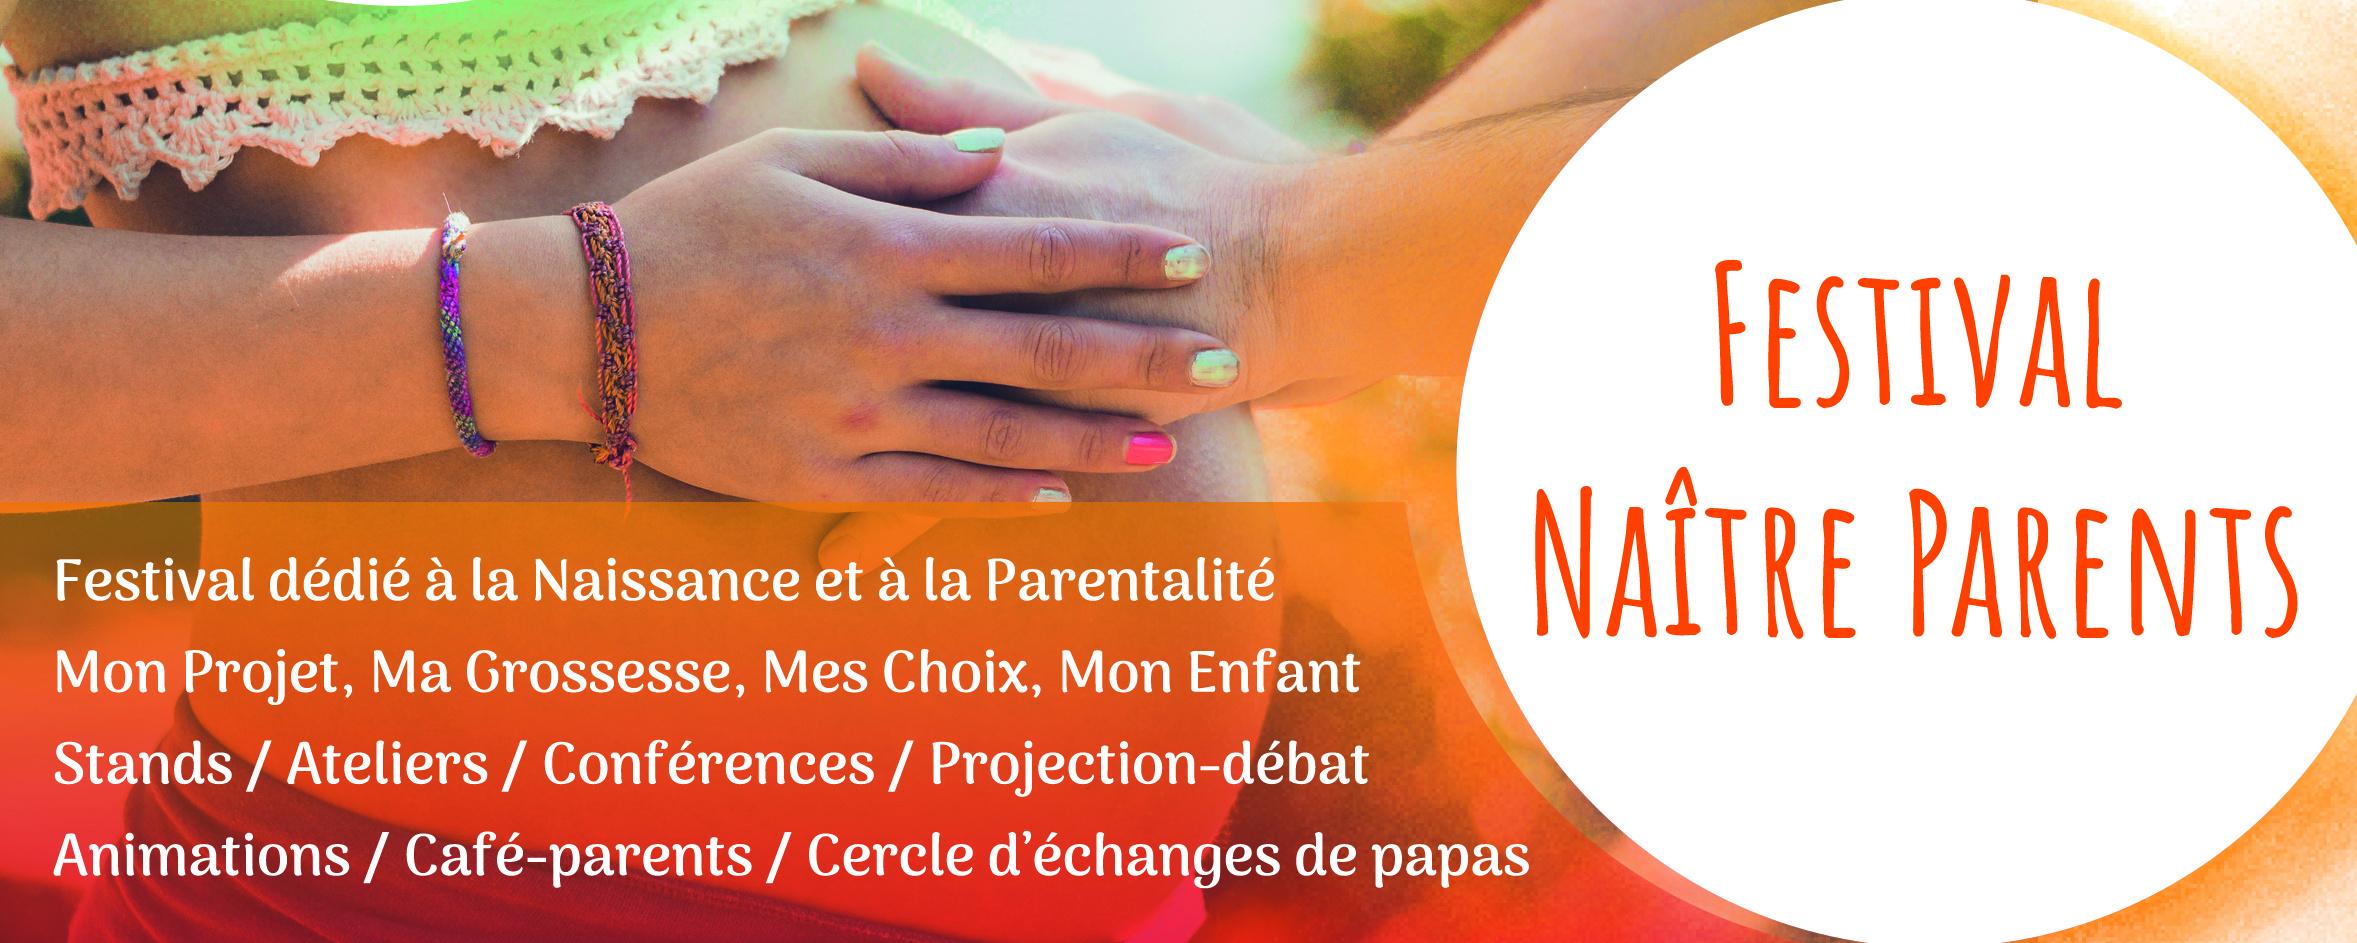 Festival Naitre Parents